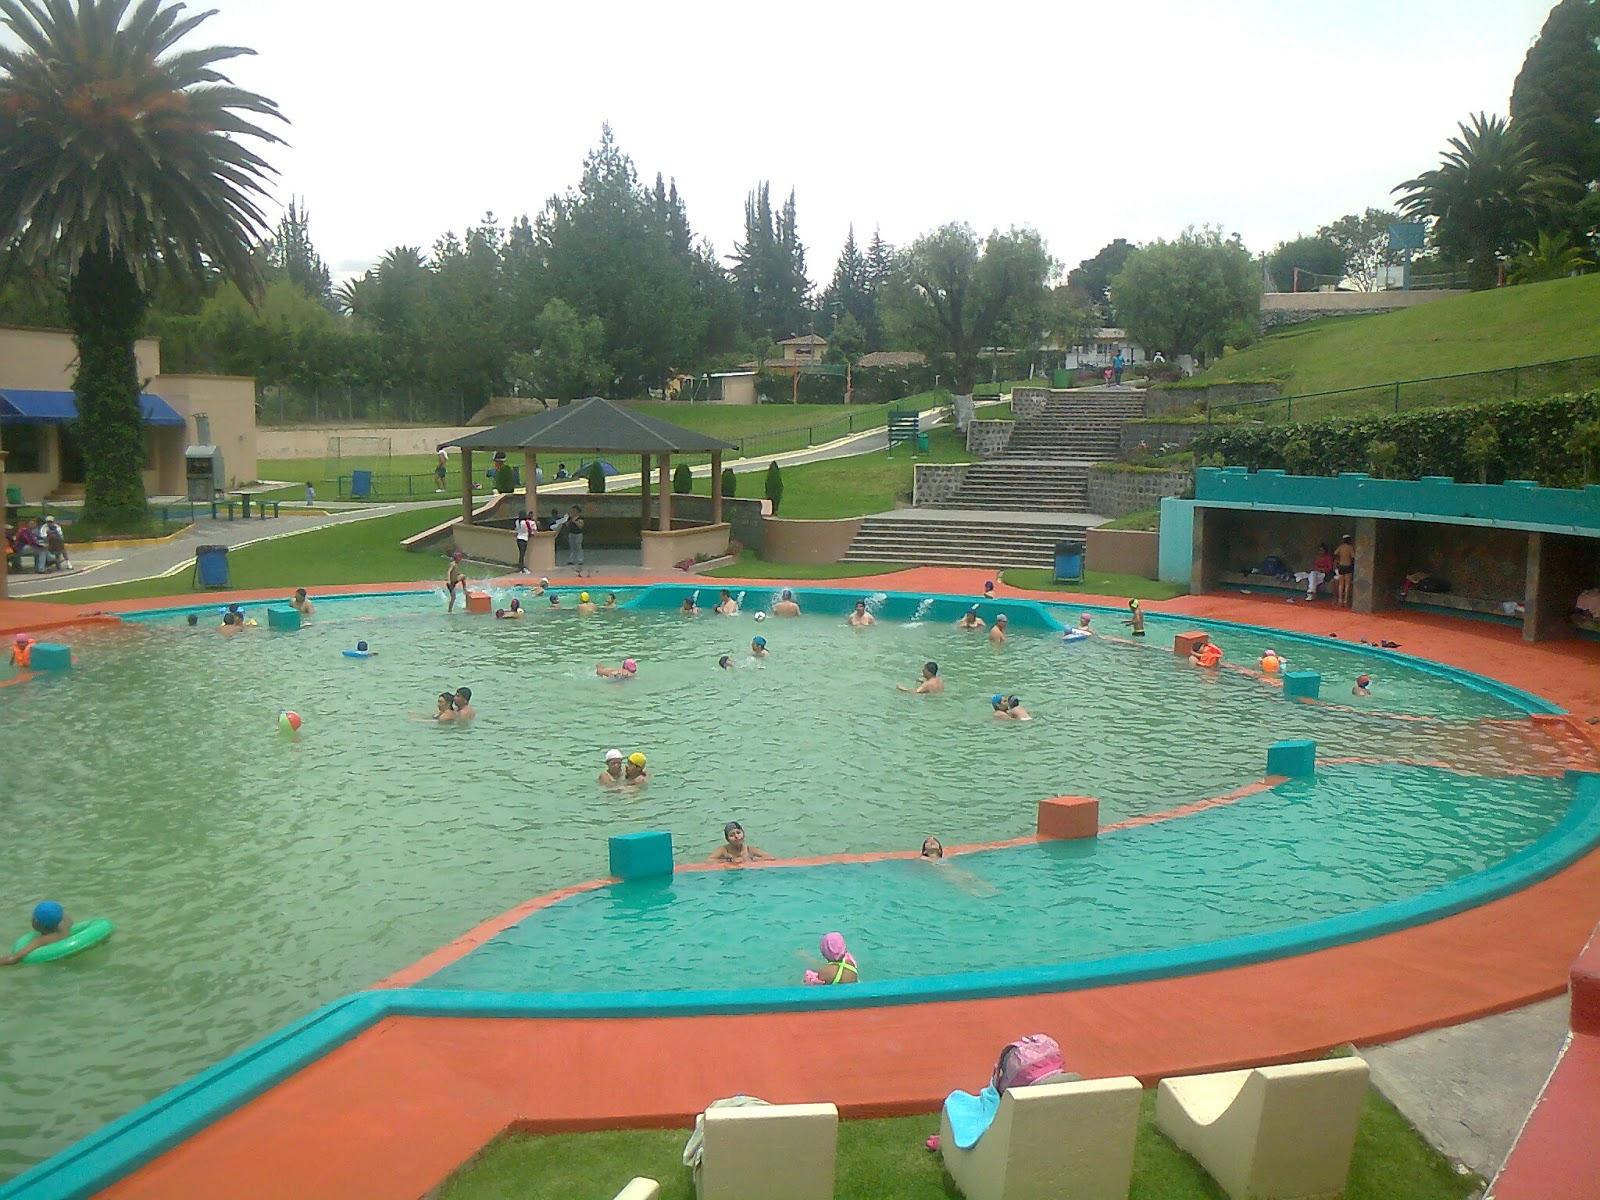 Cuanto vale una piscina pintar una piscina de lona de pvc for Cuanto cuesta construir una piscina en colombia